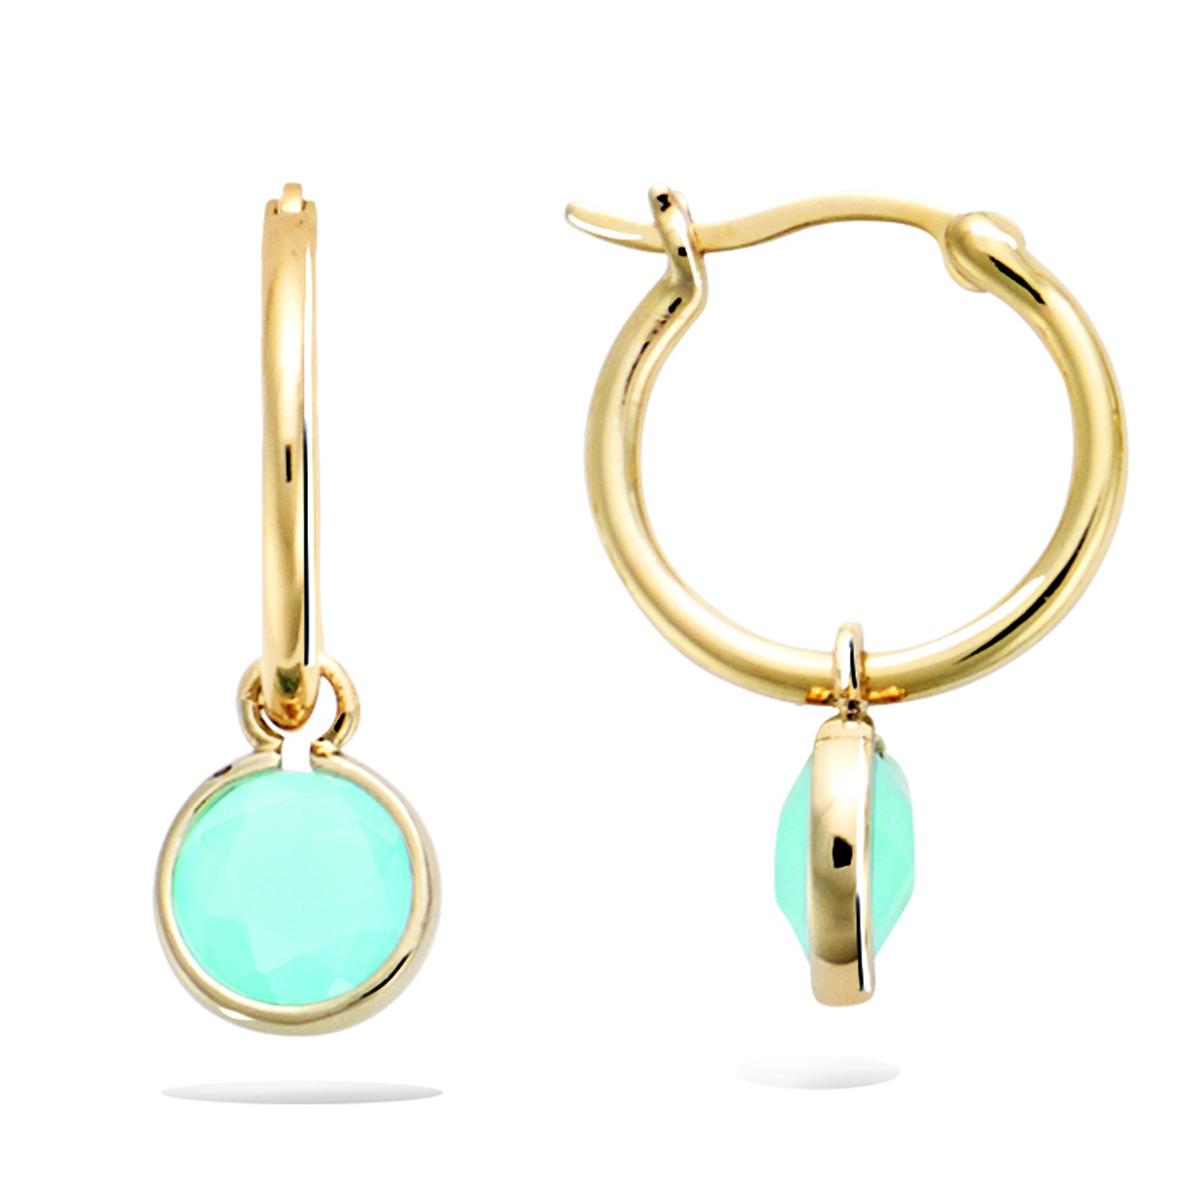 Créoles Plaqué Or \'Cleapatra\' turquoise doré - 15 mm 8 mm - [R3422]